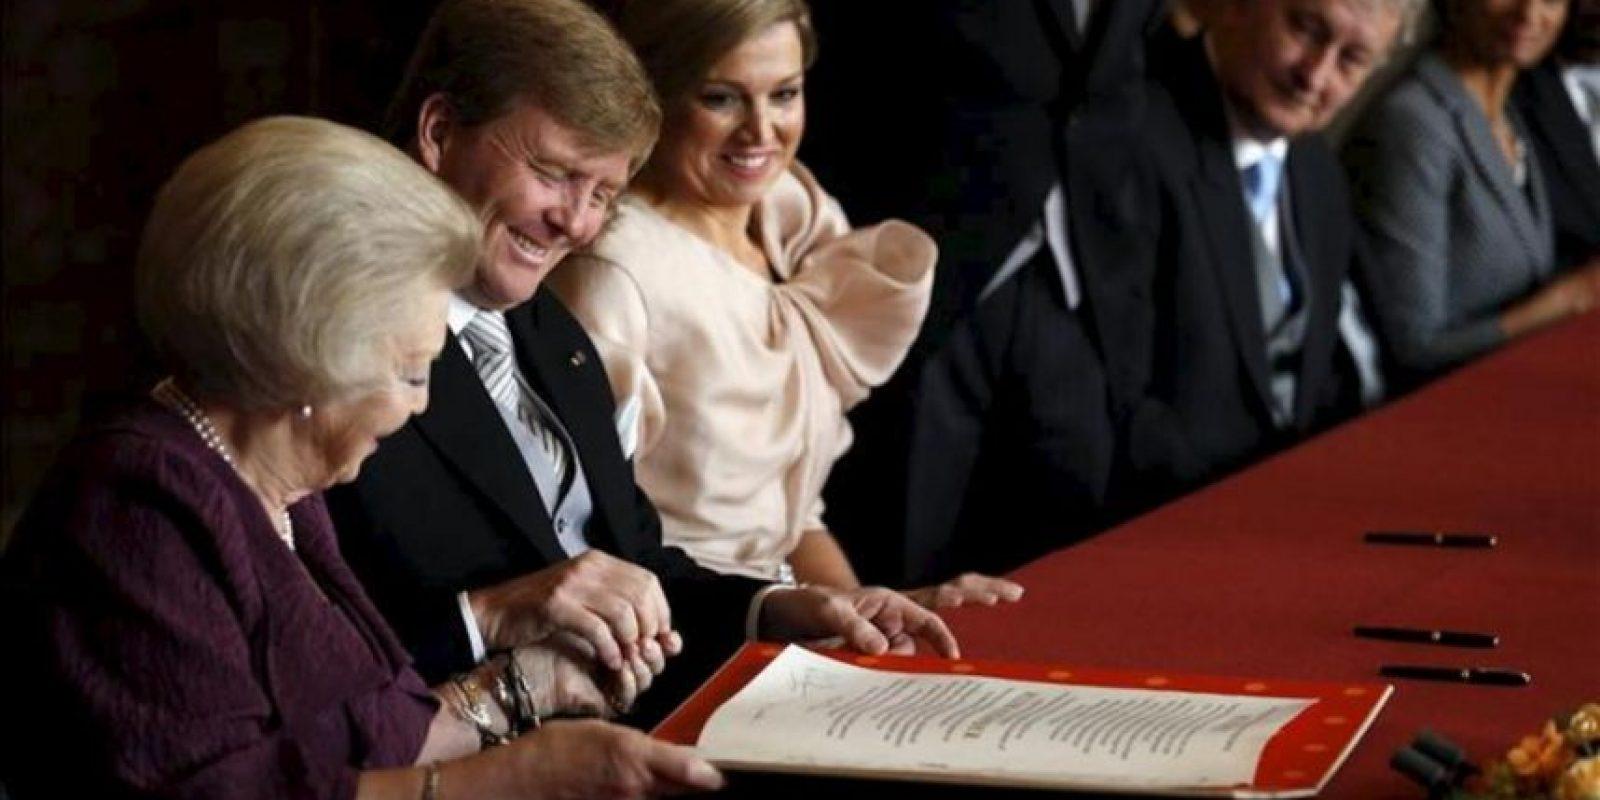 La reina Beatriz de Holanda (i), y el príncipe Guillermo-Alejandro, leen el acta de abdicación en presencia de la princesa Máxima (3-i), durante la ceremonia celebrada en el Moseszaal del Palacio Real de Ámsterdam, Holanda. EFE